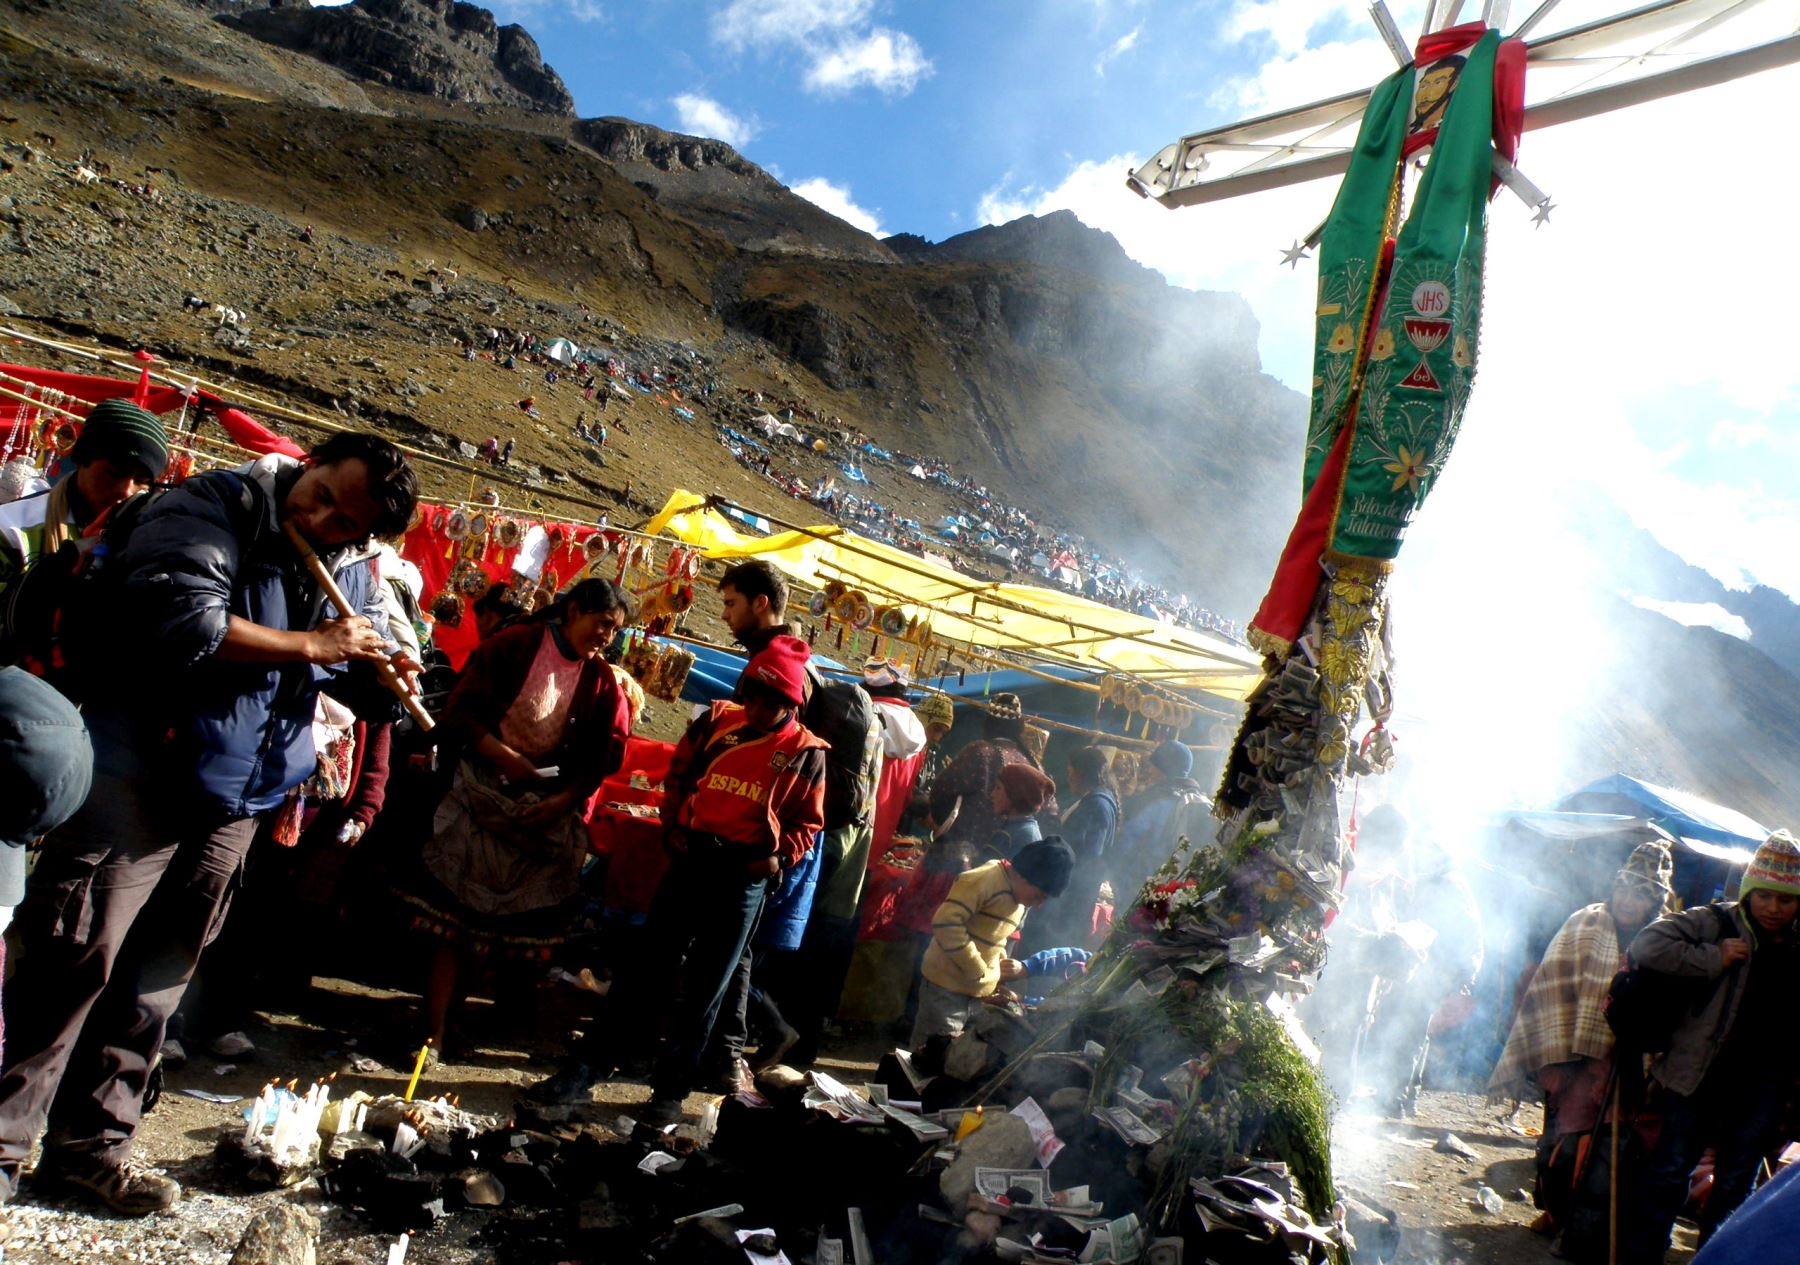 Presentan actividades por festividad del Señor de Qoyllur Riti en Cusco. ANDINA/Percy Hurtado Santillán